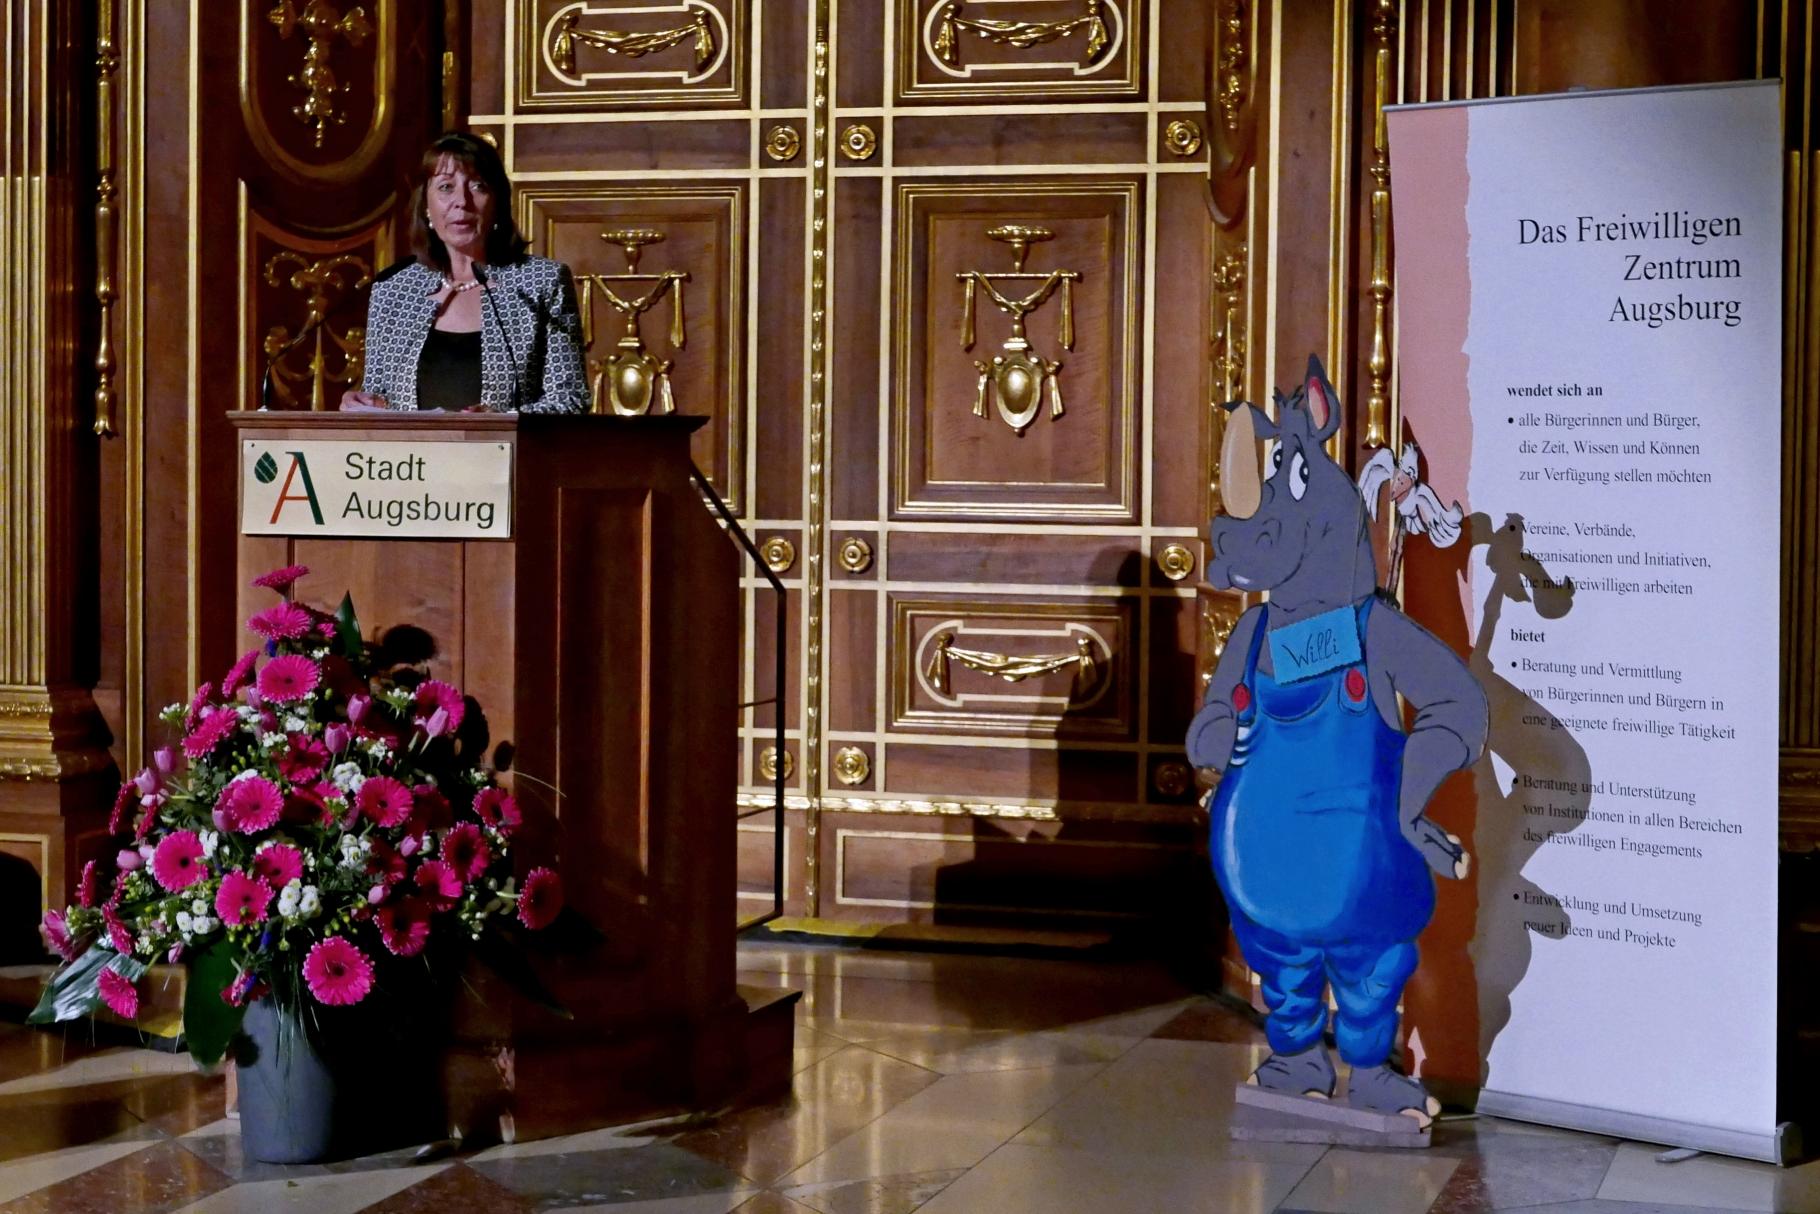 Jutta Koch-Schramm - Festakt 20 Jahre Freiwilligen-Zentrum Augsburg - 24.03.2017 im Goldenen Saal Rathaus Augsburg - Foto: Christoph Urban